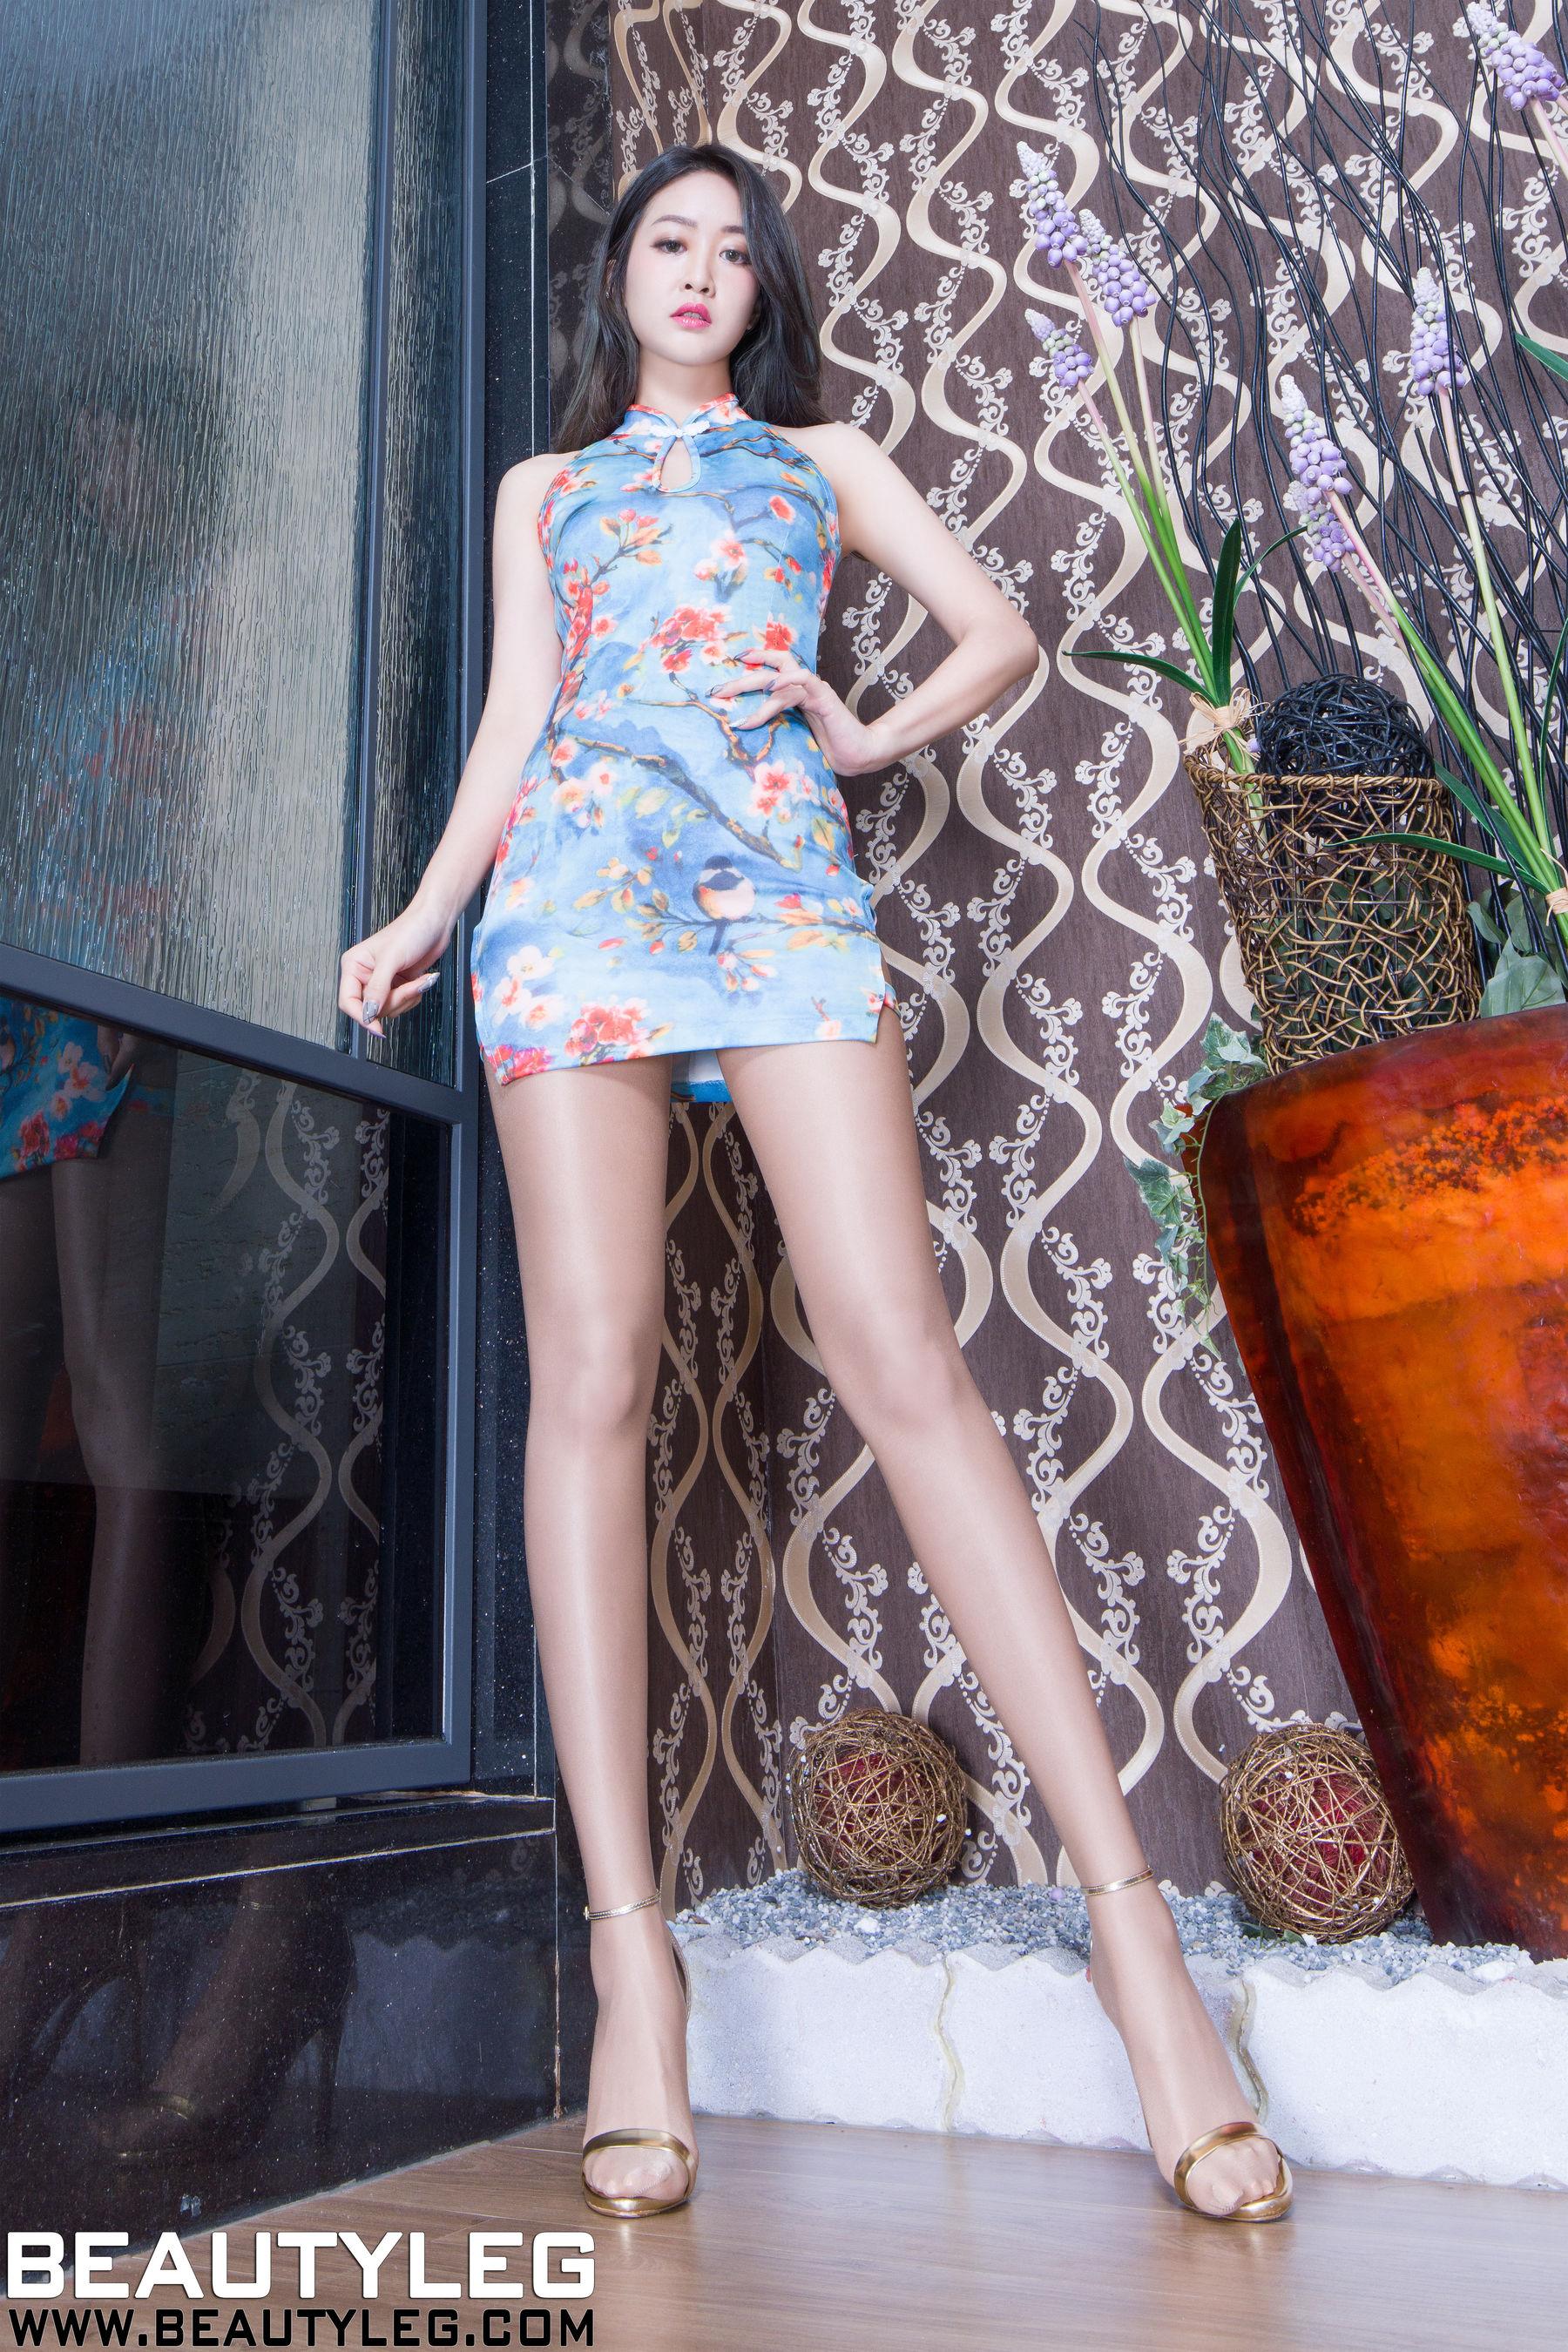 VOL.1359 [Beautyleg]丝袜美腿肉丝美腿:康凯乐(腿模Kaylar)超高清个人性感漂亮大图(46P)